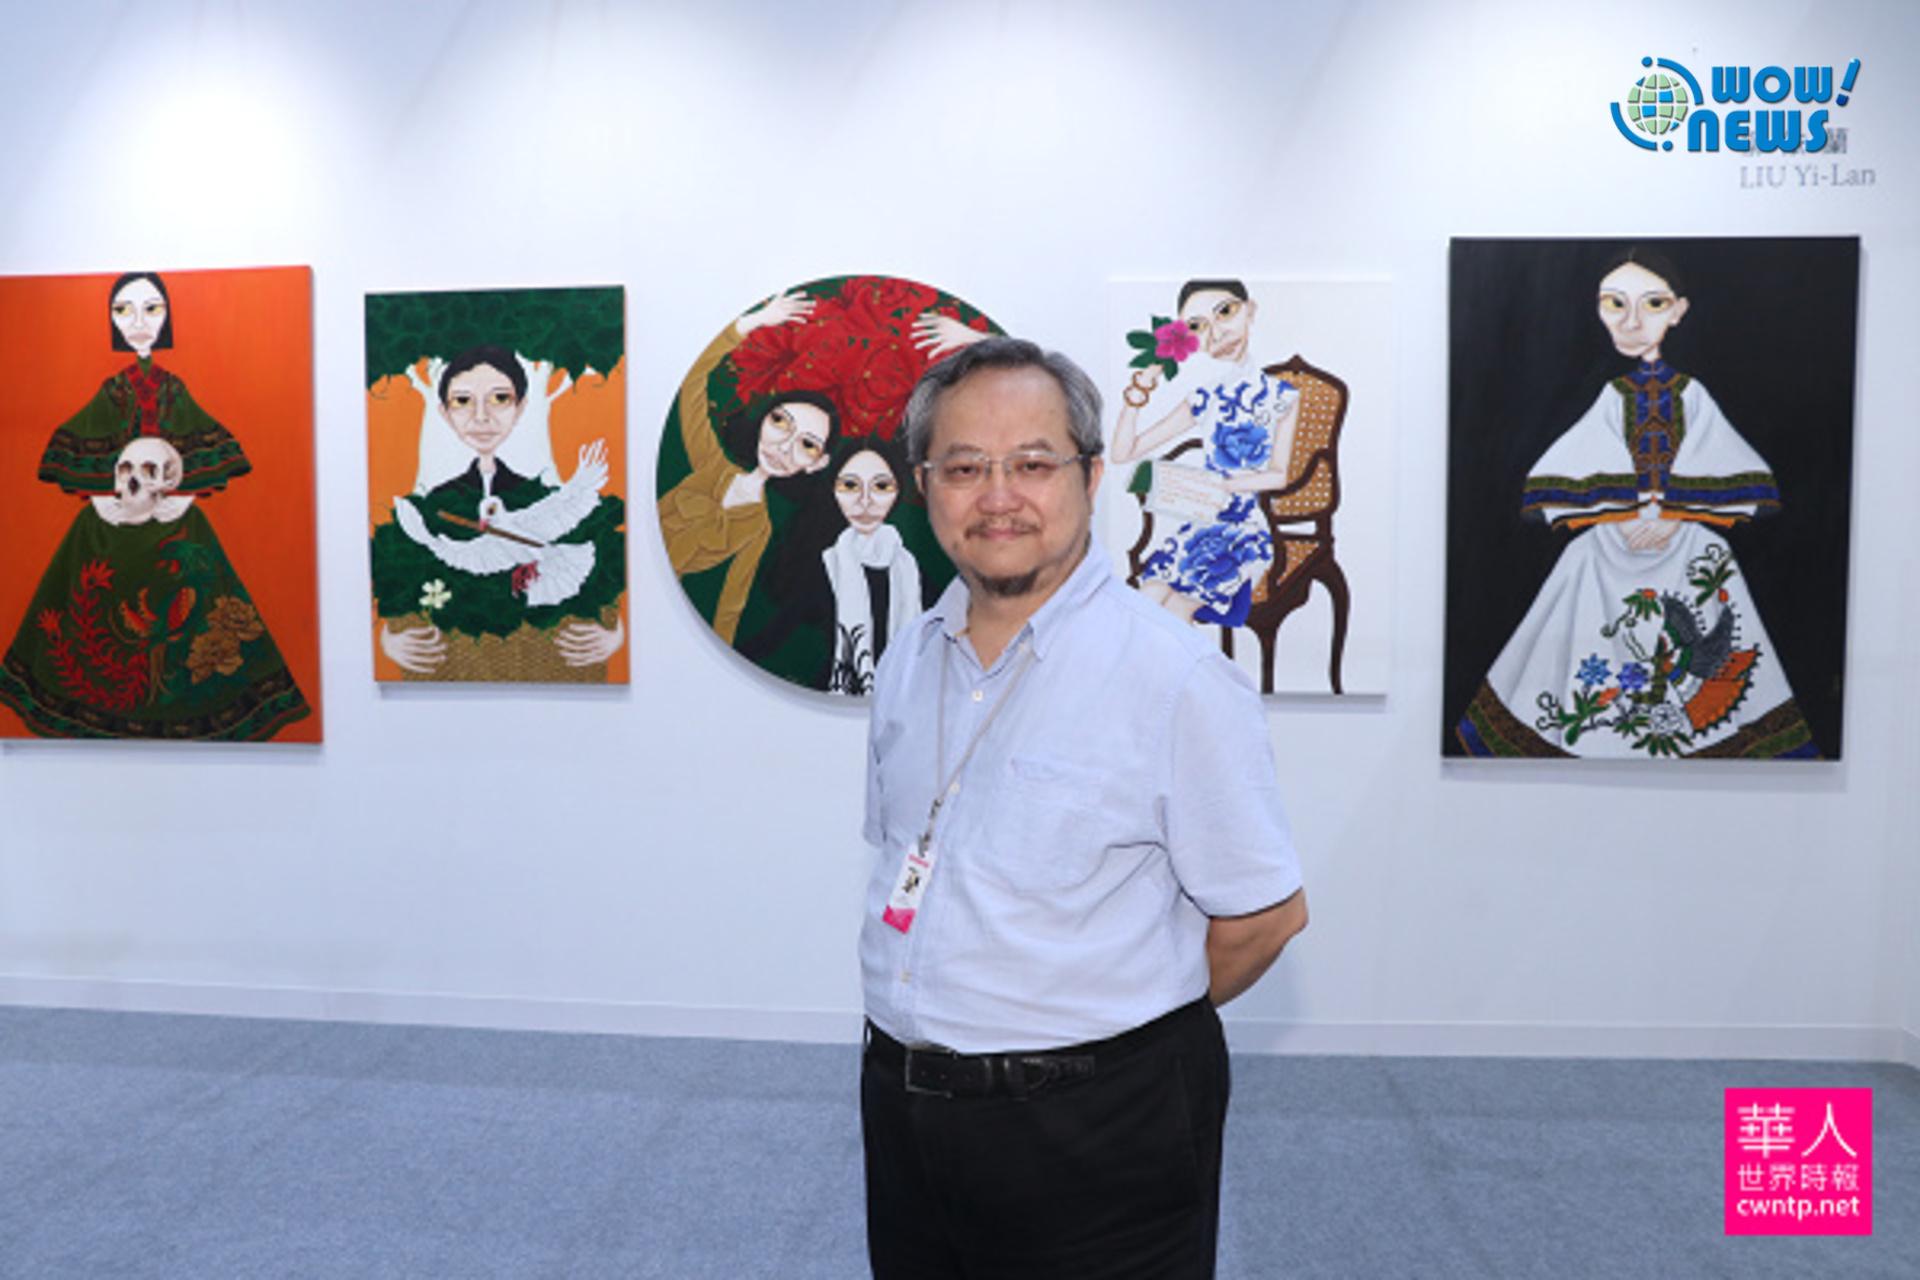 2017 ART TAIPEI 台北國際藝術博覽會 新苑藝術柳依蘭X電影〈血觀音〉的精彩交會